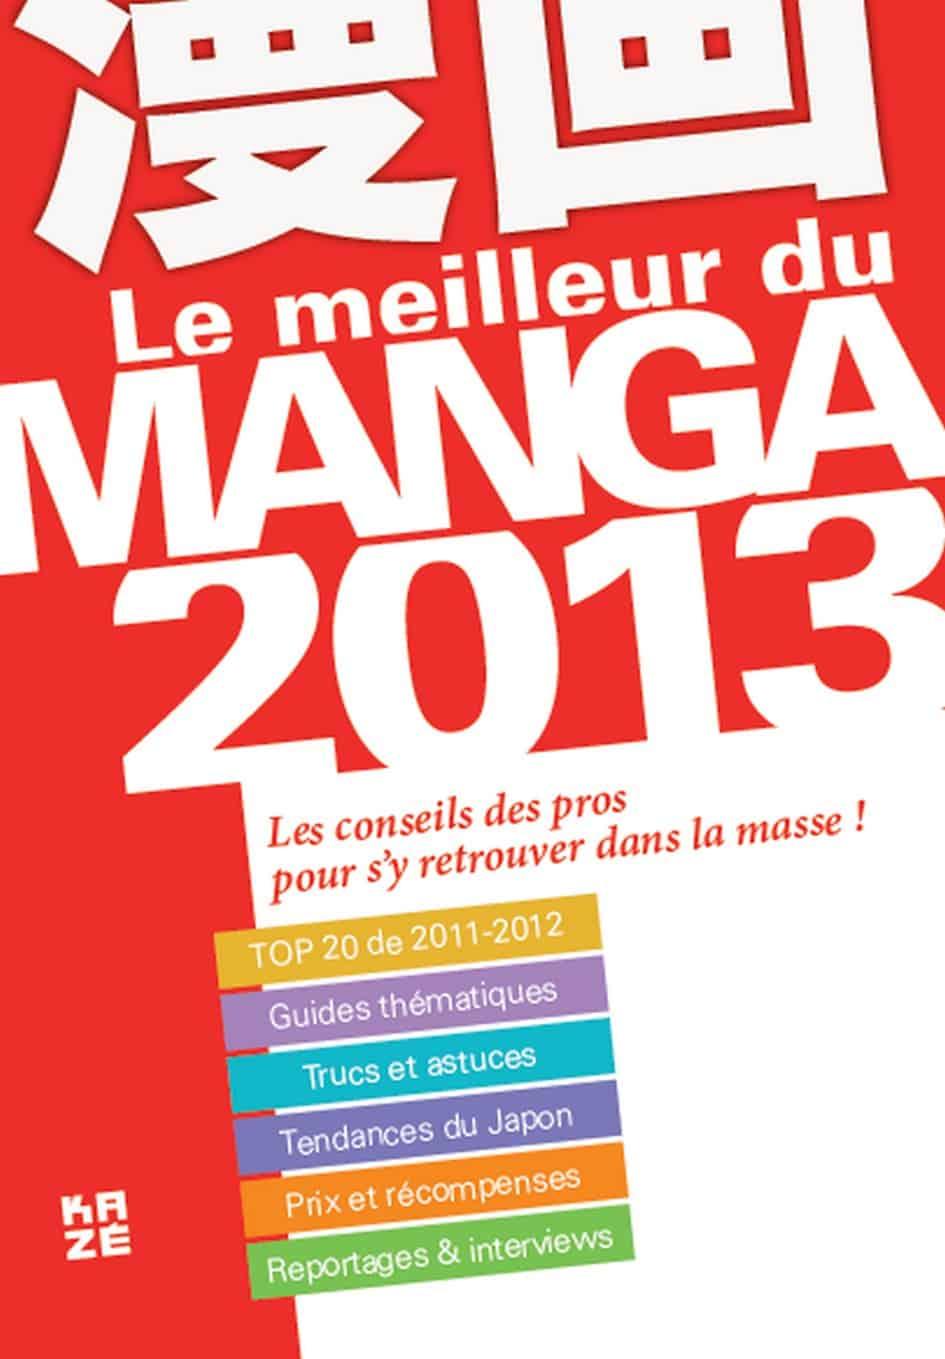 Tout savoir sur les mangas en 2013